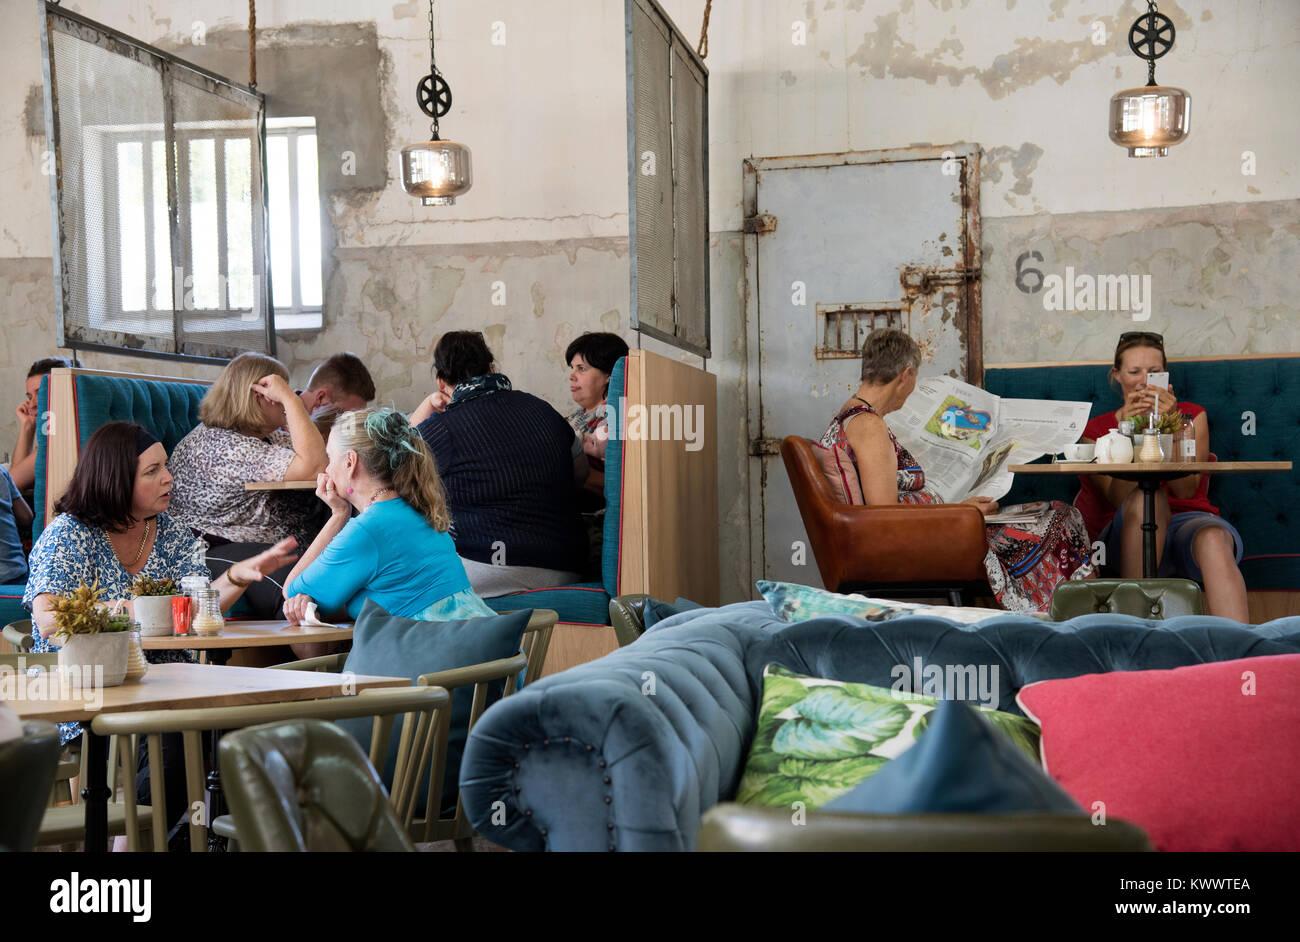 Paarl, Western Cape, Südafrika. Dezember 2017. In einem Restaurant im alten Gefängnis gelegen. Stockbild